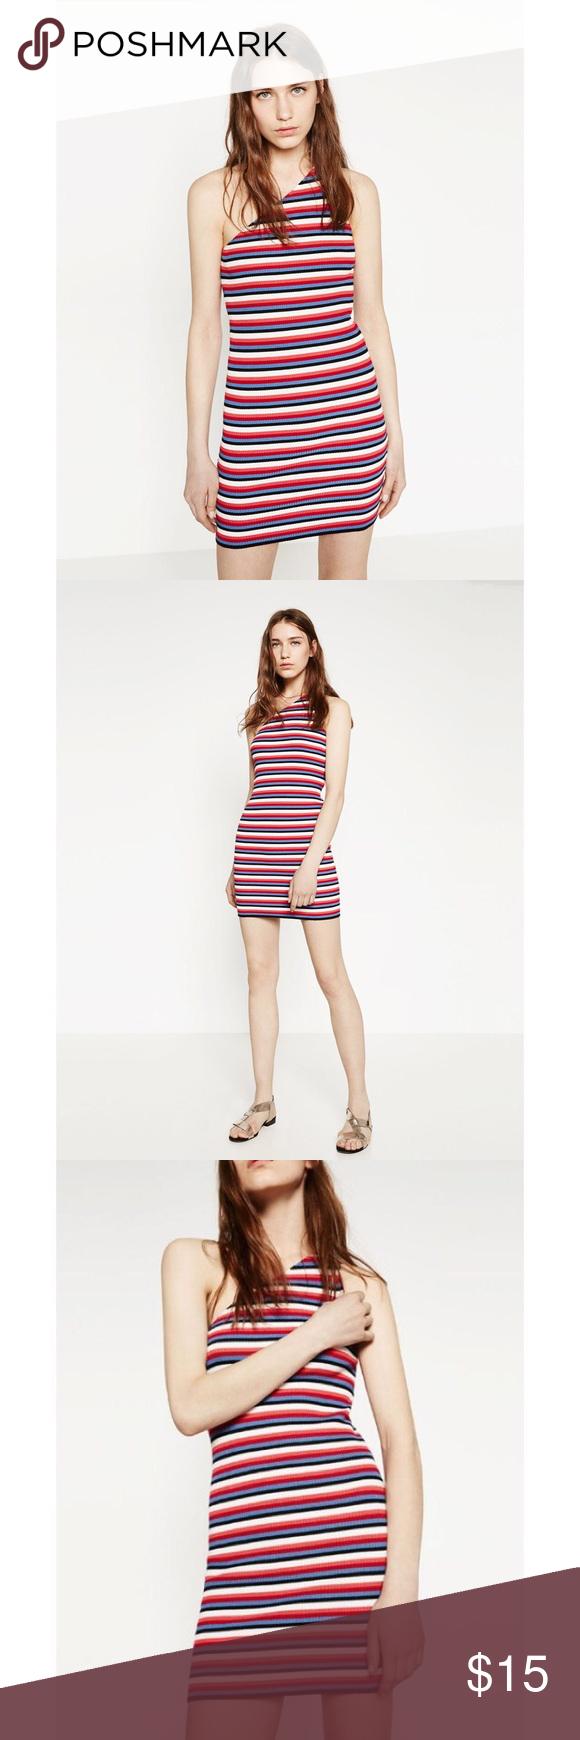 8d8d01f255 Zara Striped Colorful Asymmetric Tank Mini Dress Super fun Red ...